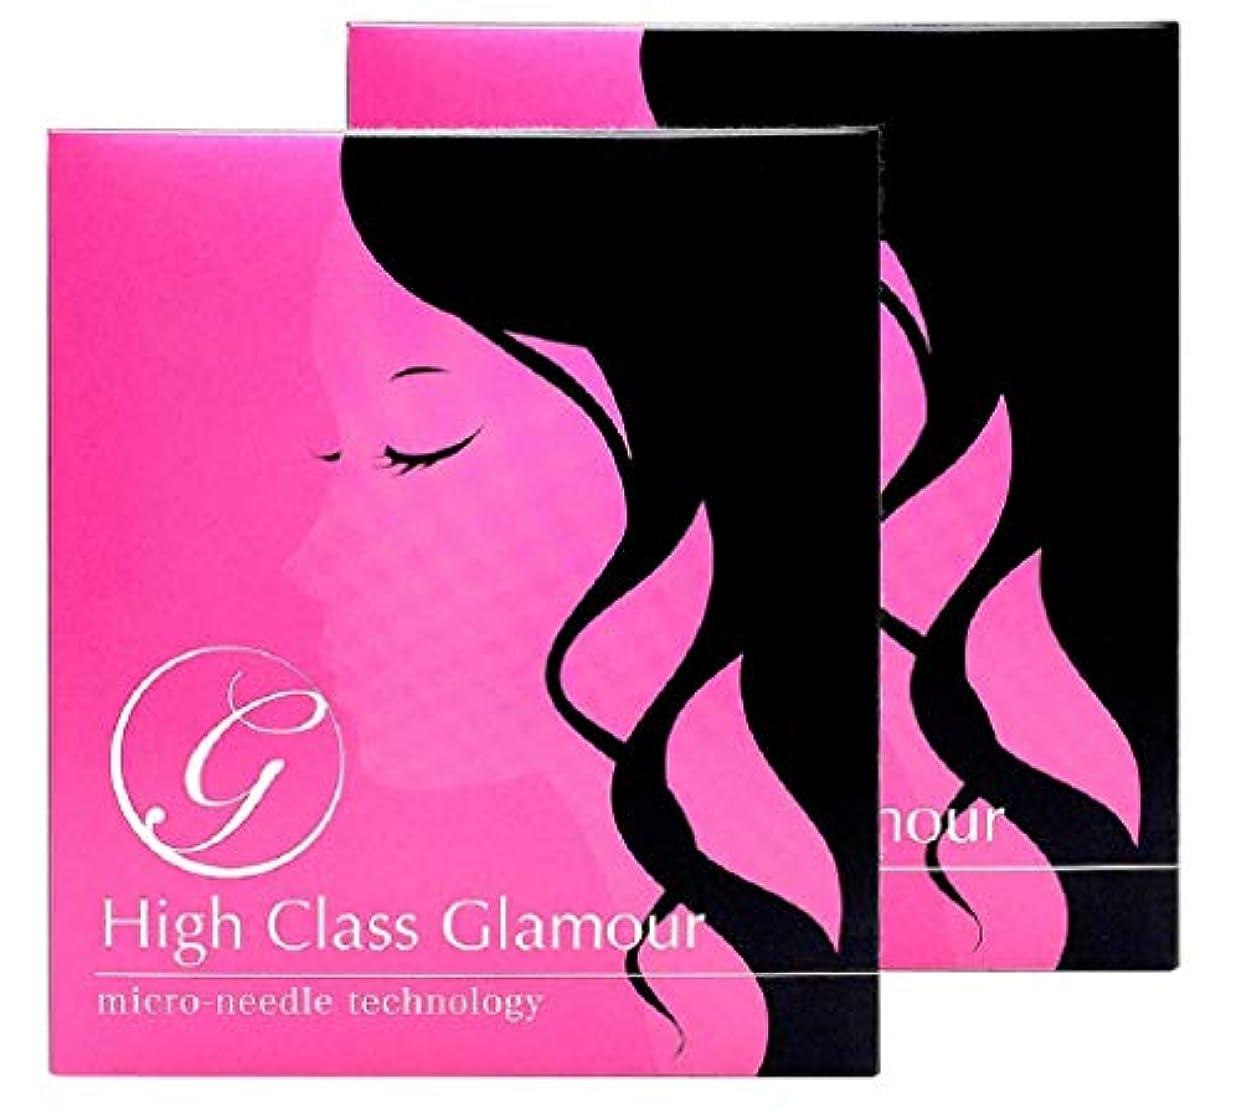 舌な変えるアフリカHigh class glamour マイクロパッチ 2枚×4セット (約1ヵ月分) 【貼るだけ簡単スペシャルケア】(2個)